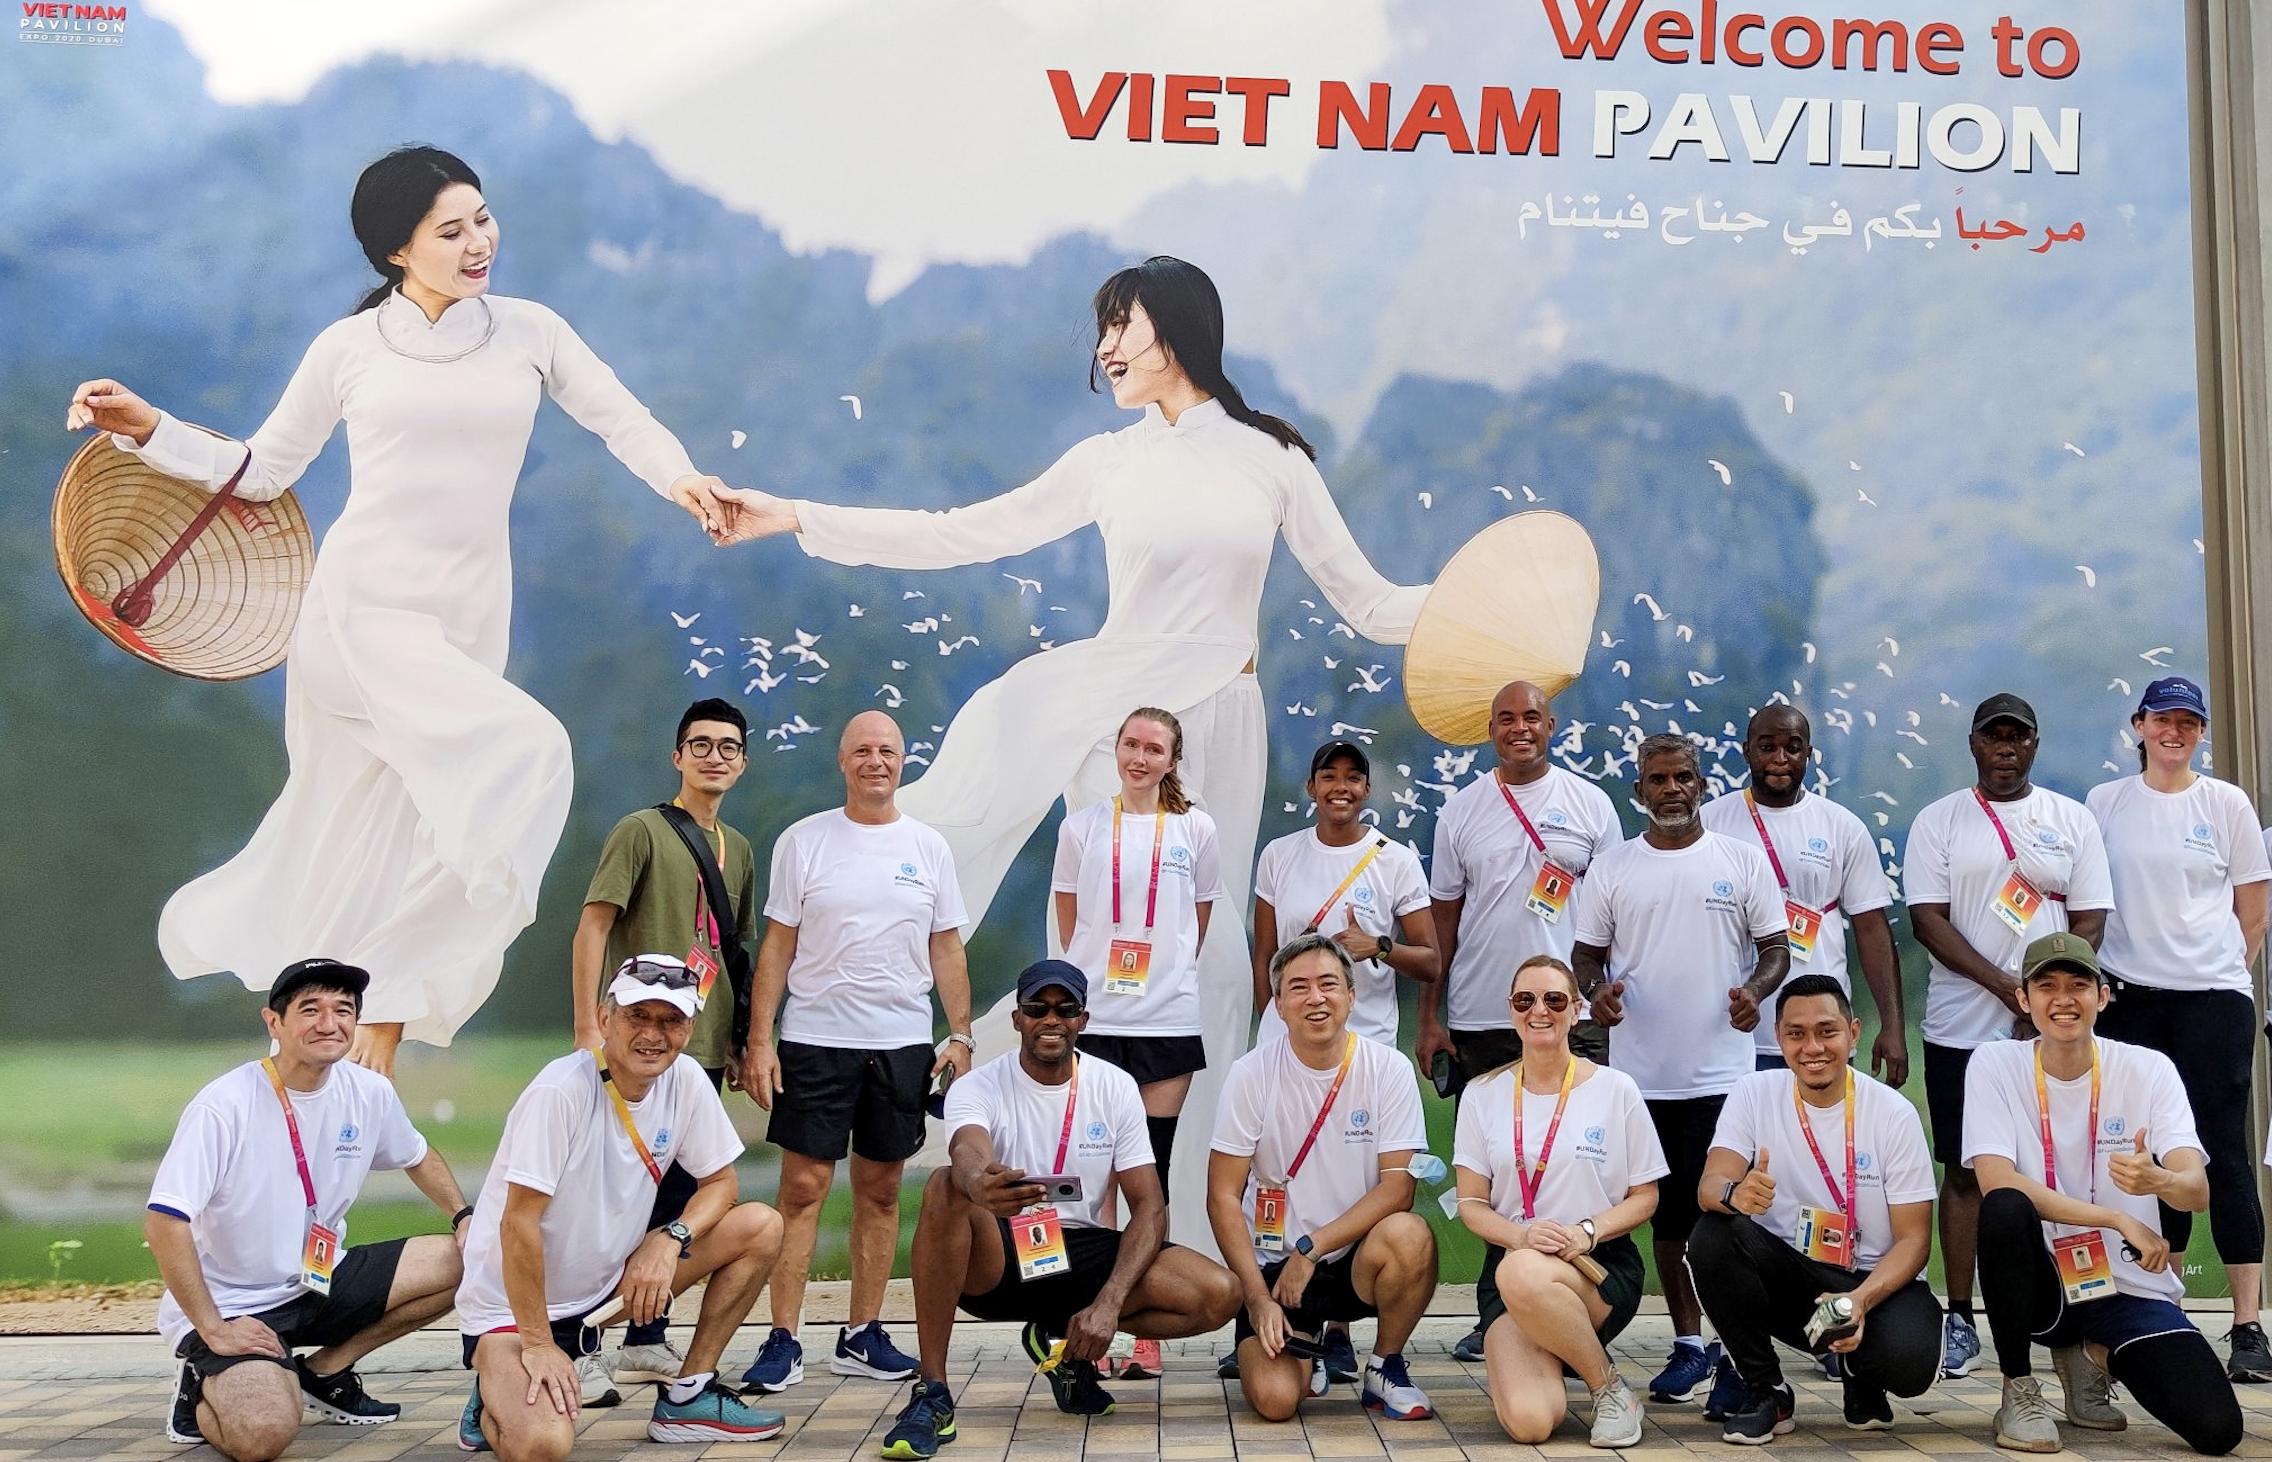 UN Day Run tại Expo Dubai: Cùng chạy, cùng hành động vì mục tiêu phát triển bền vững